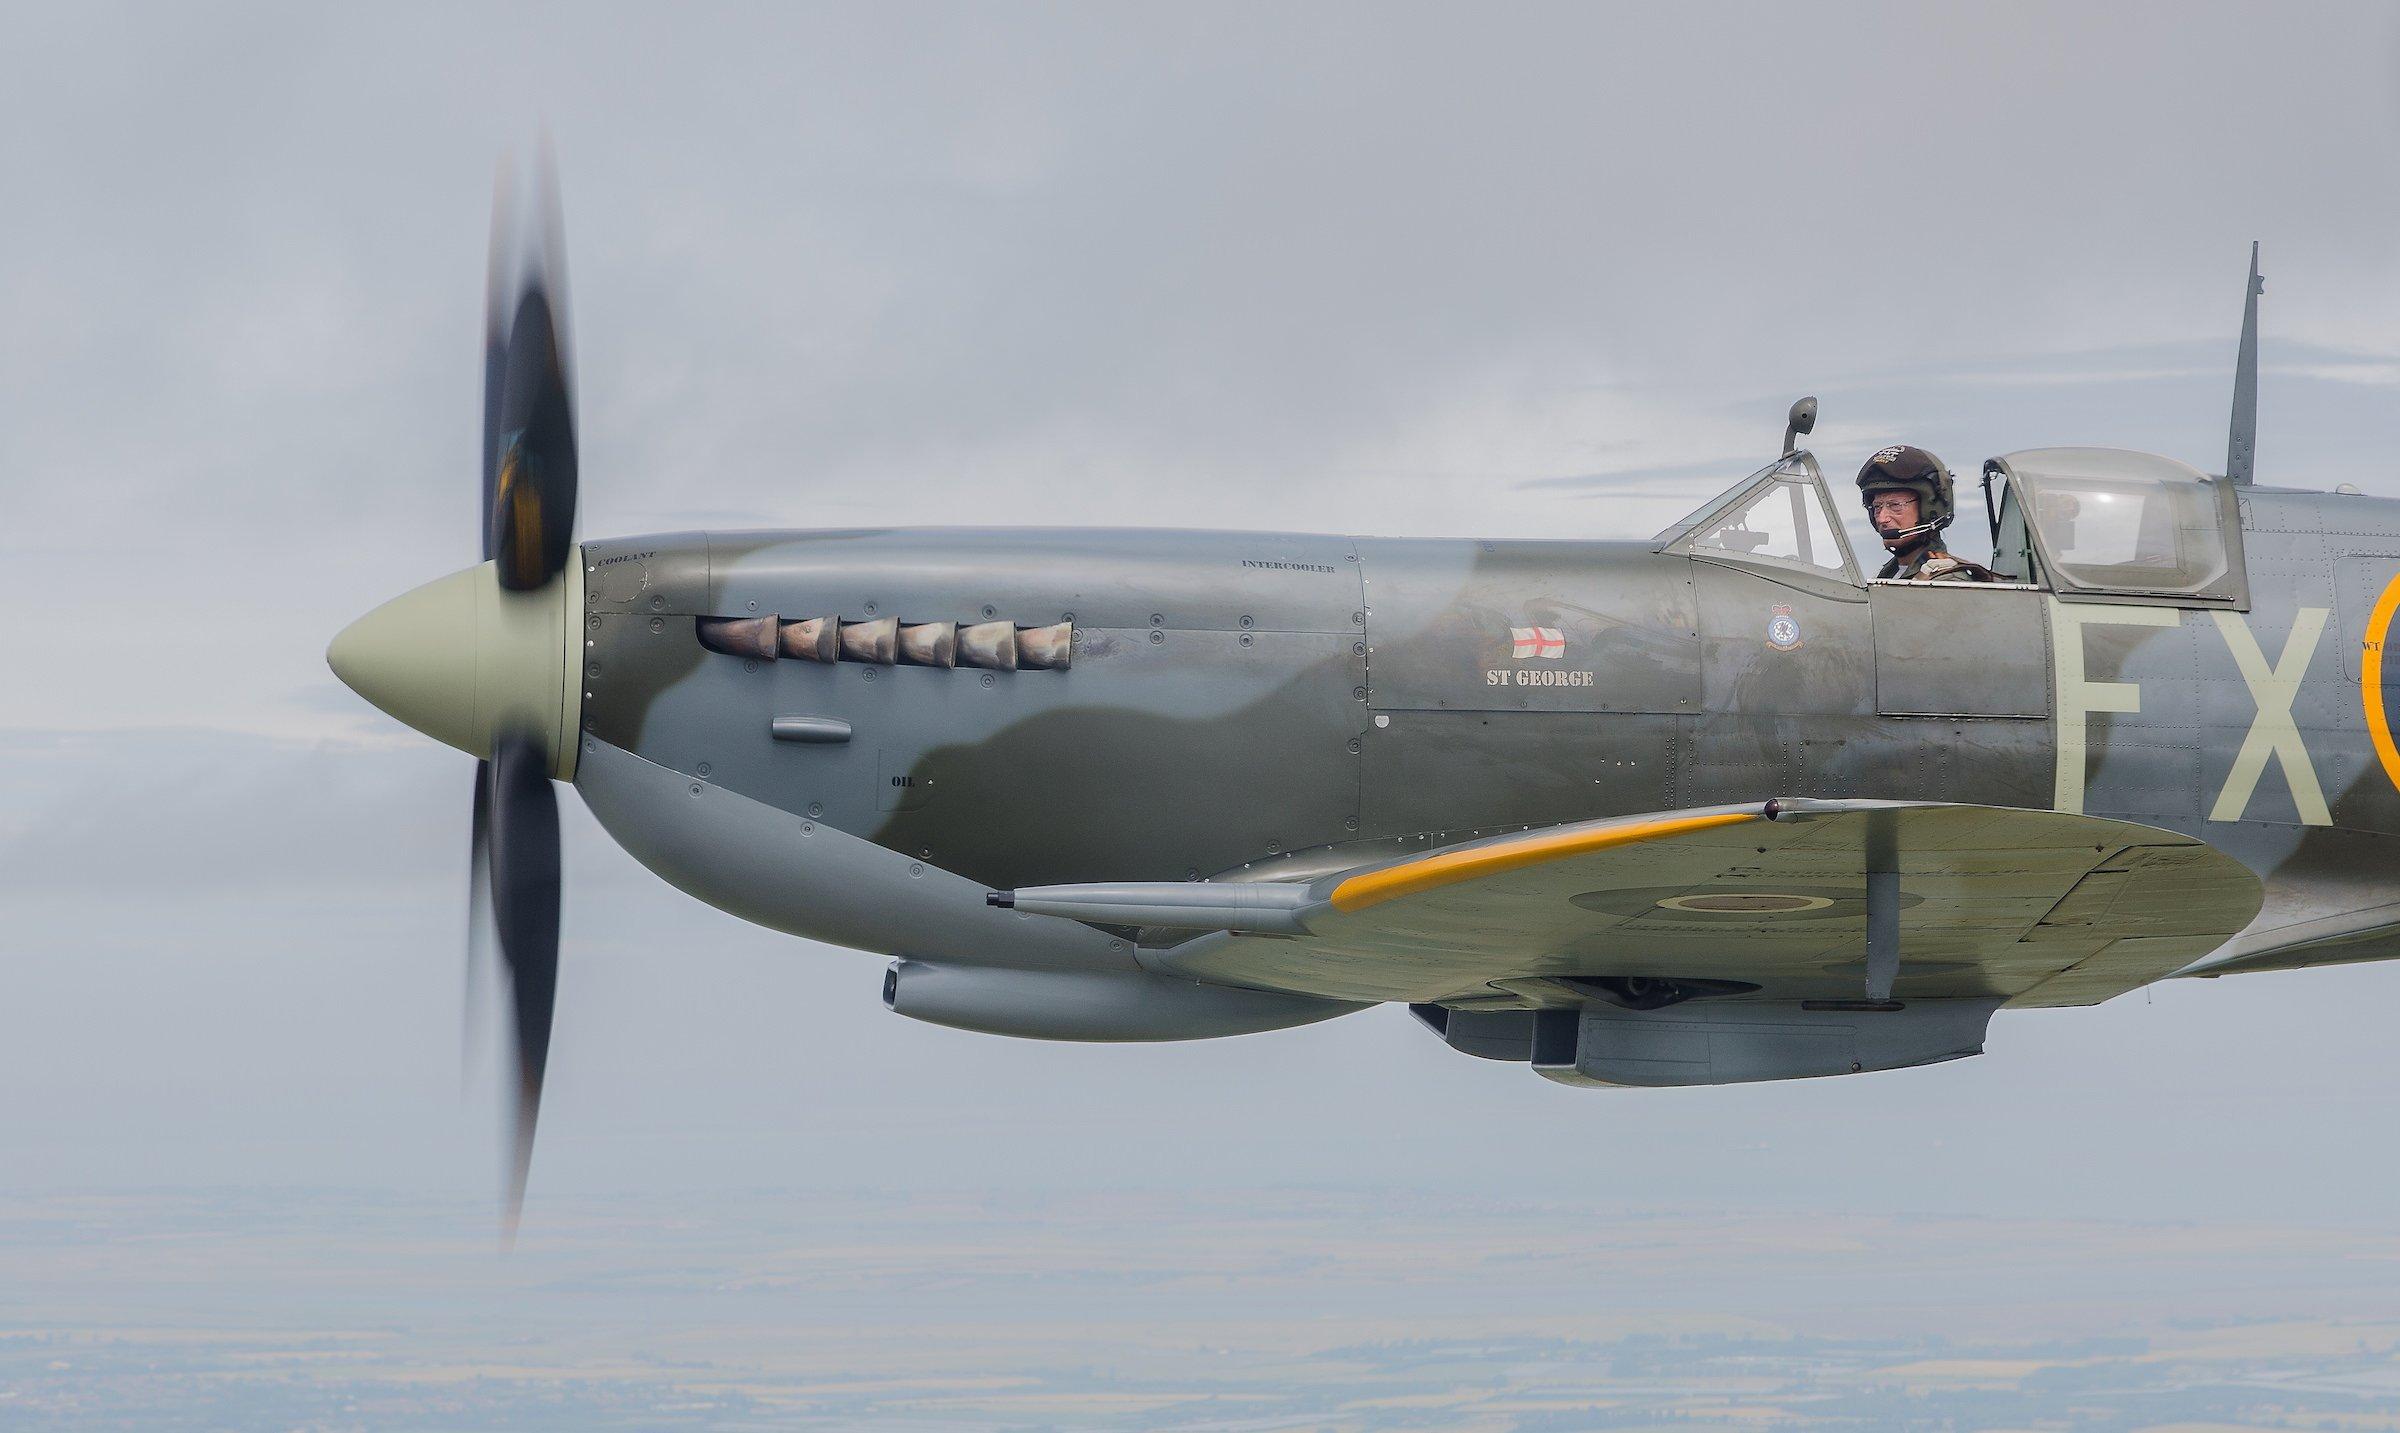 Spitfire Merlin Engine